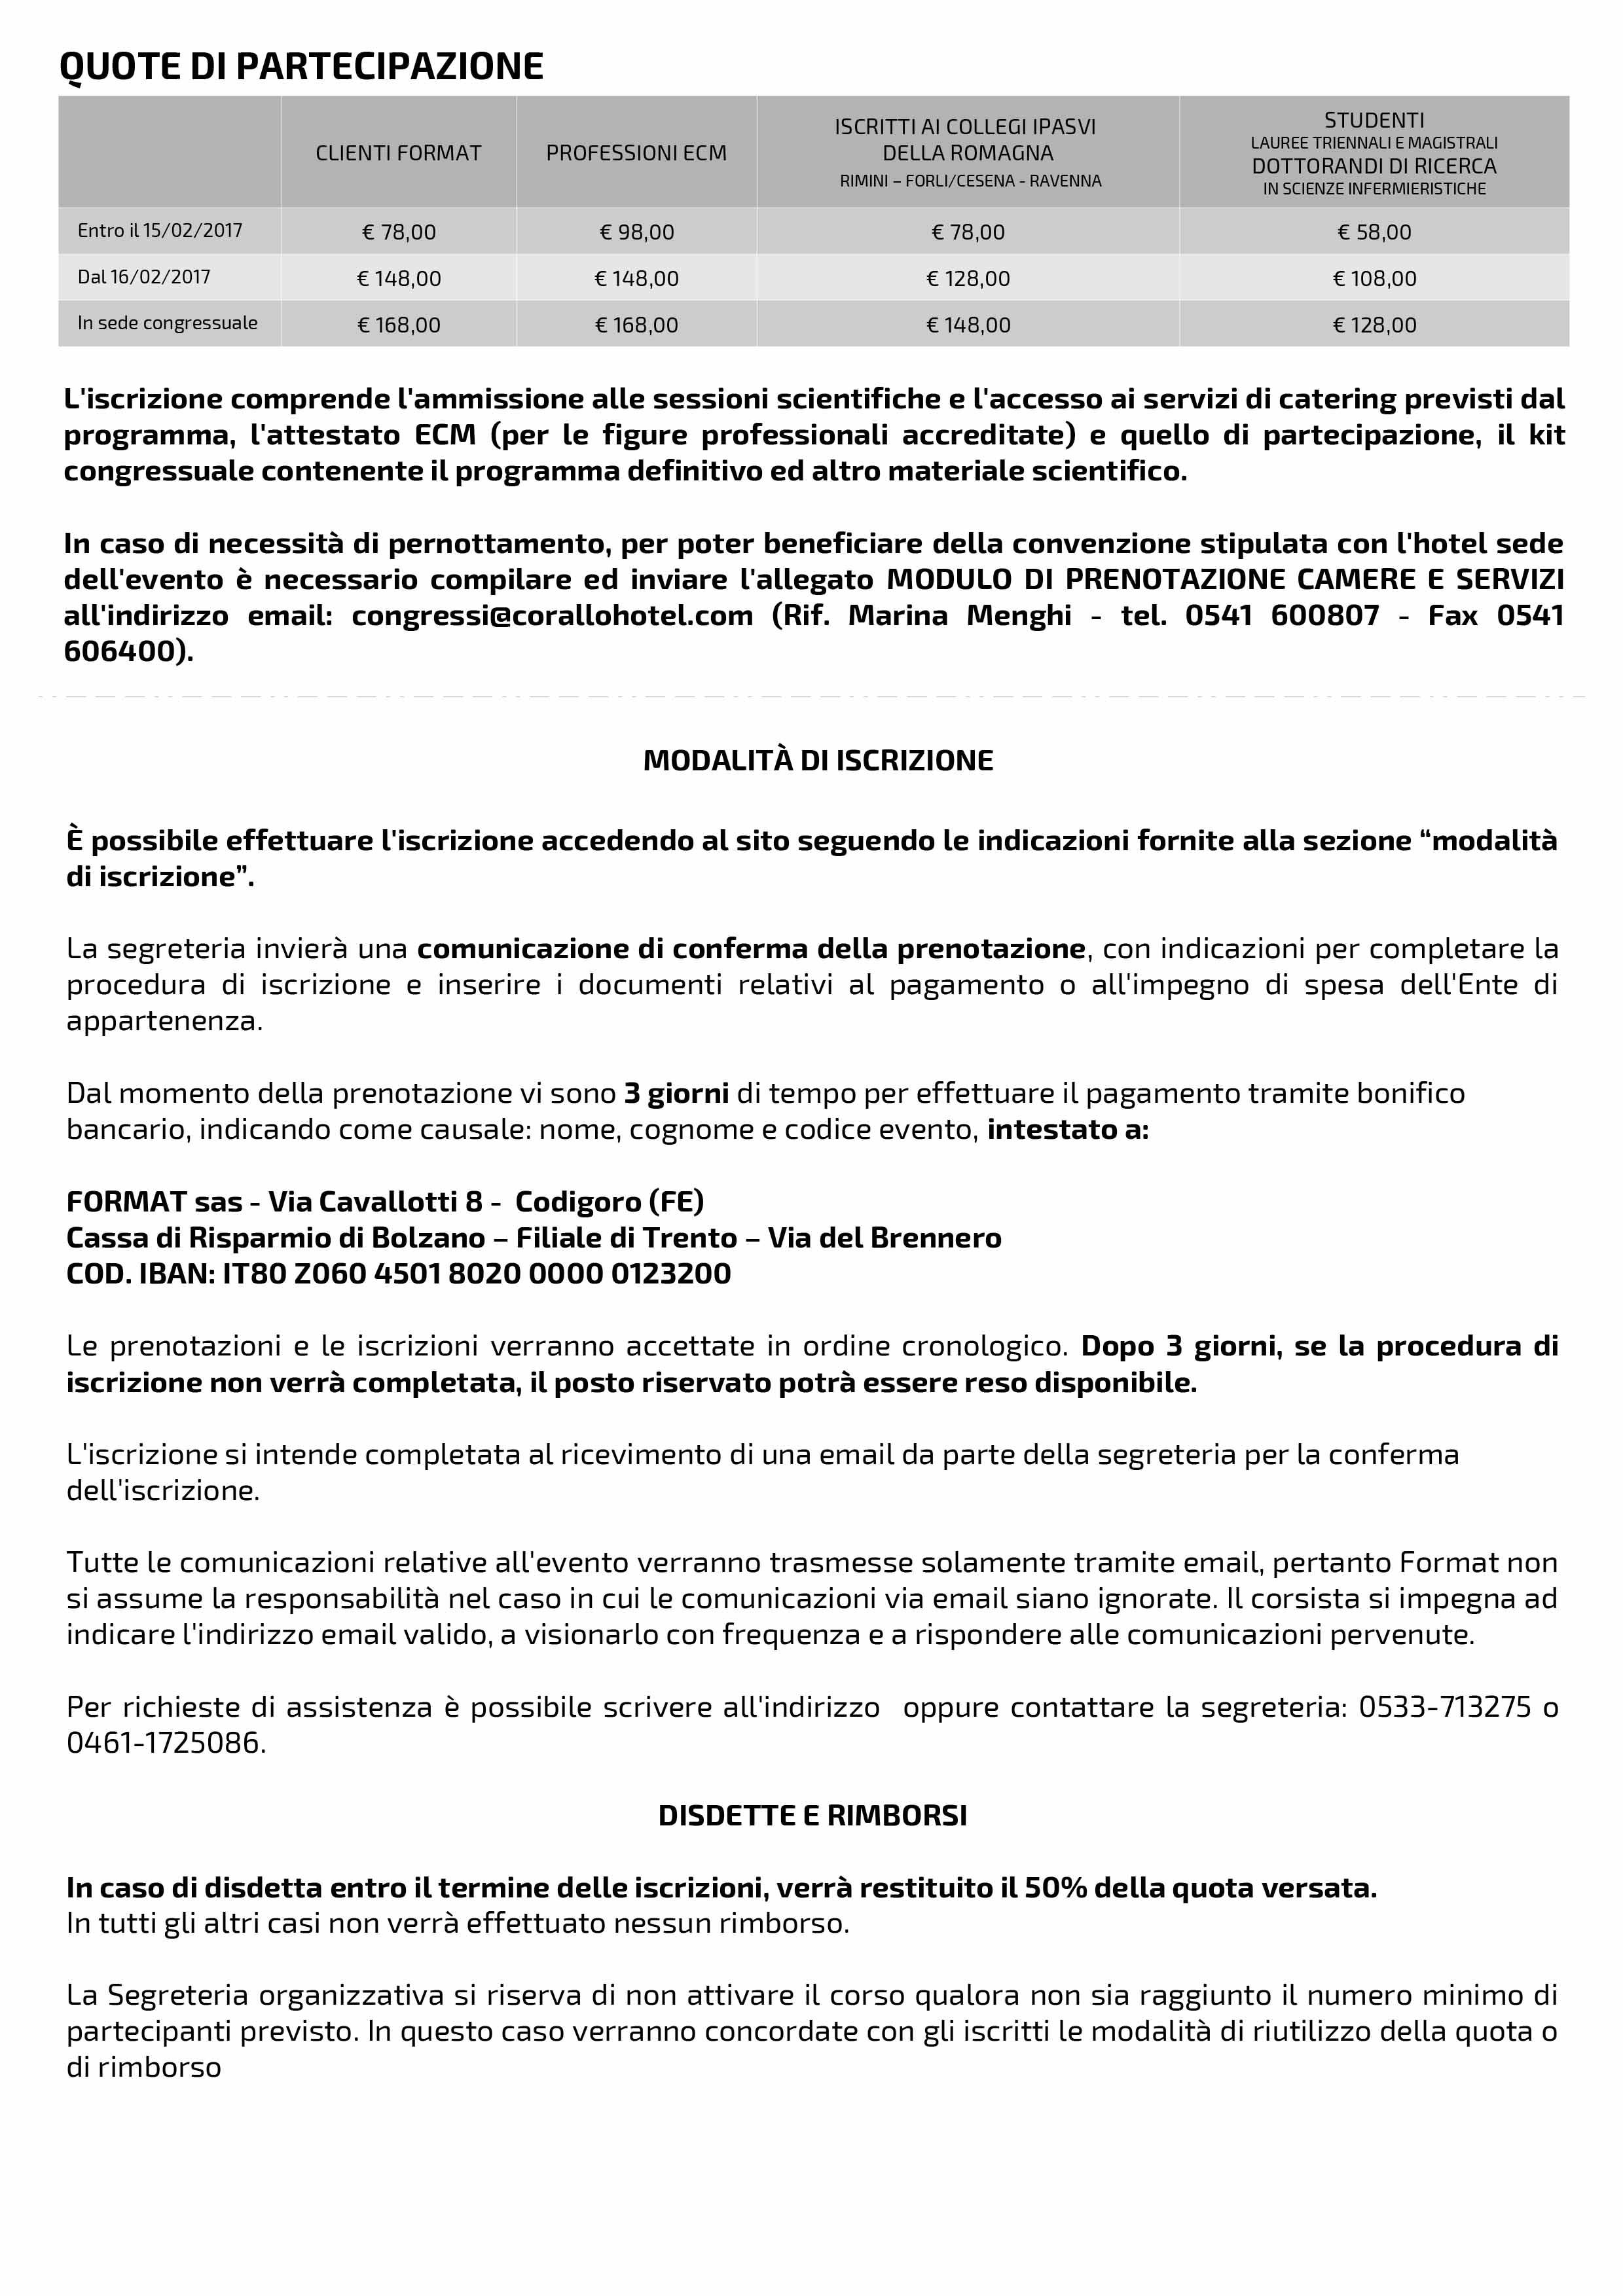 05_apsilef-riccione